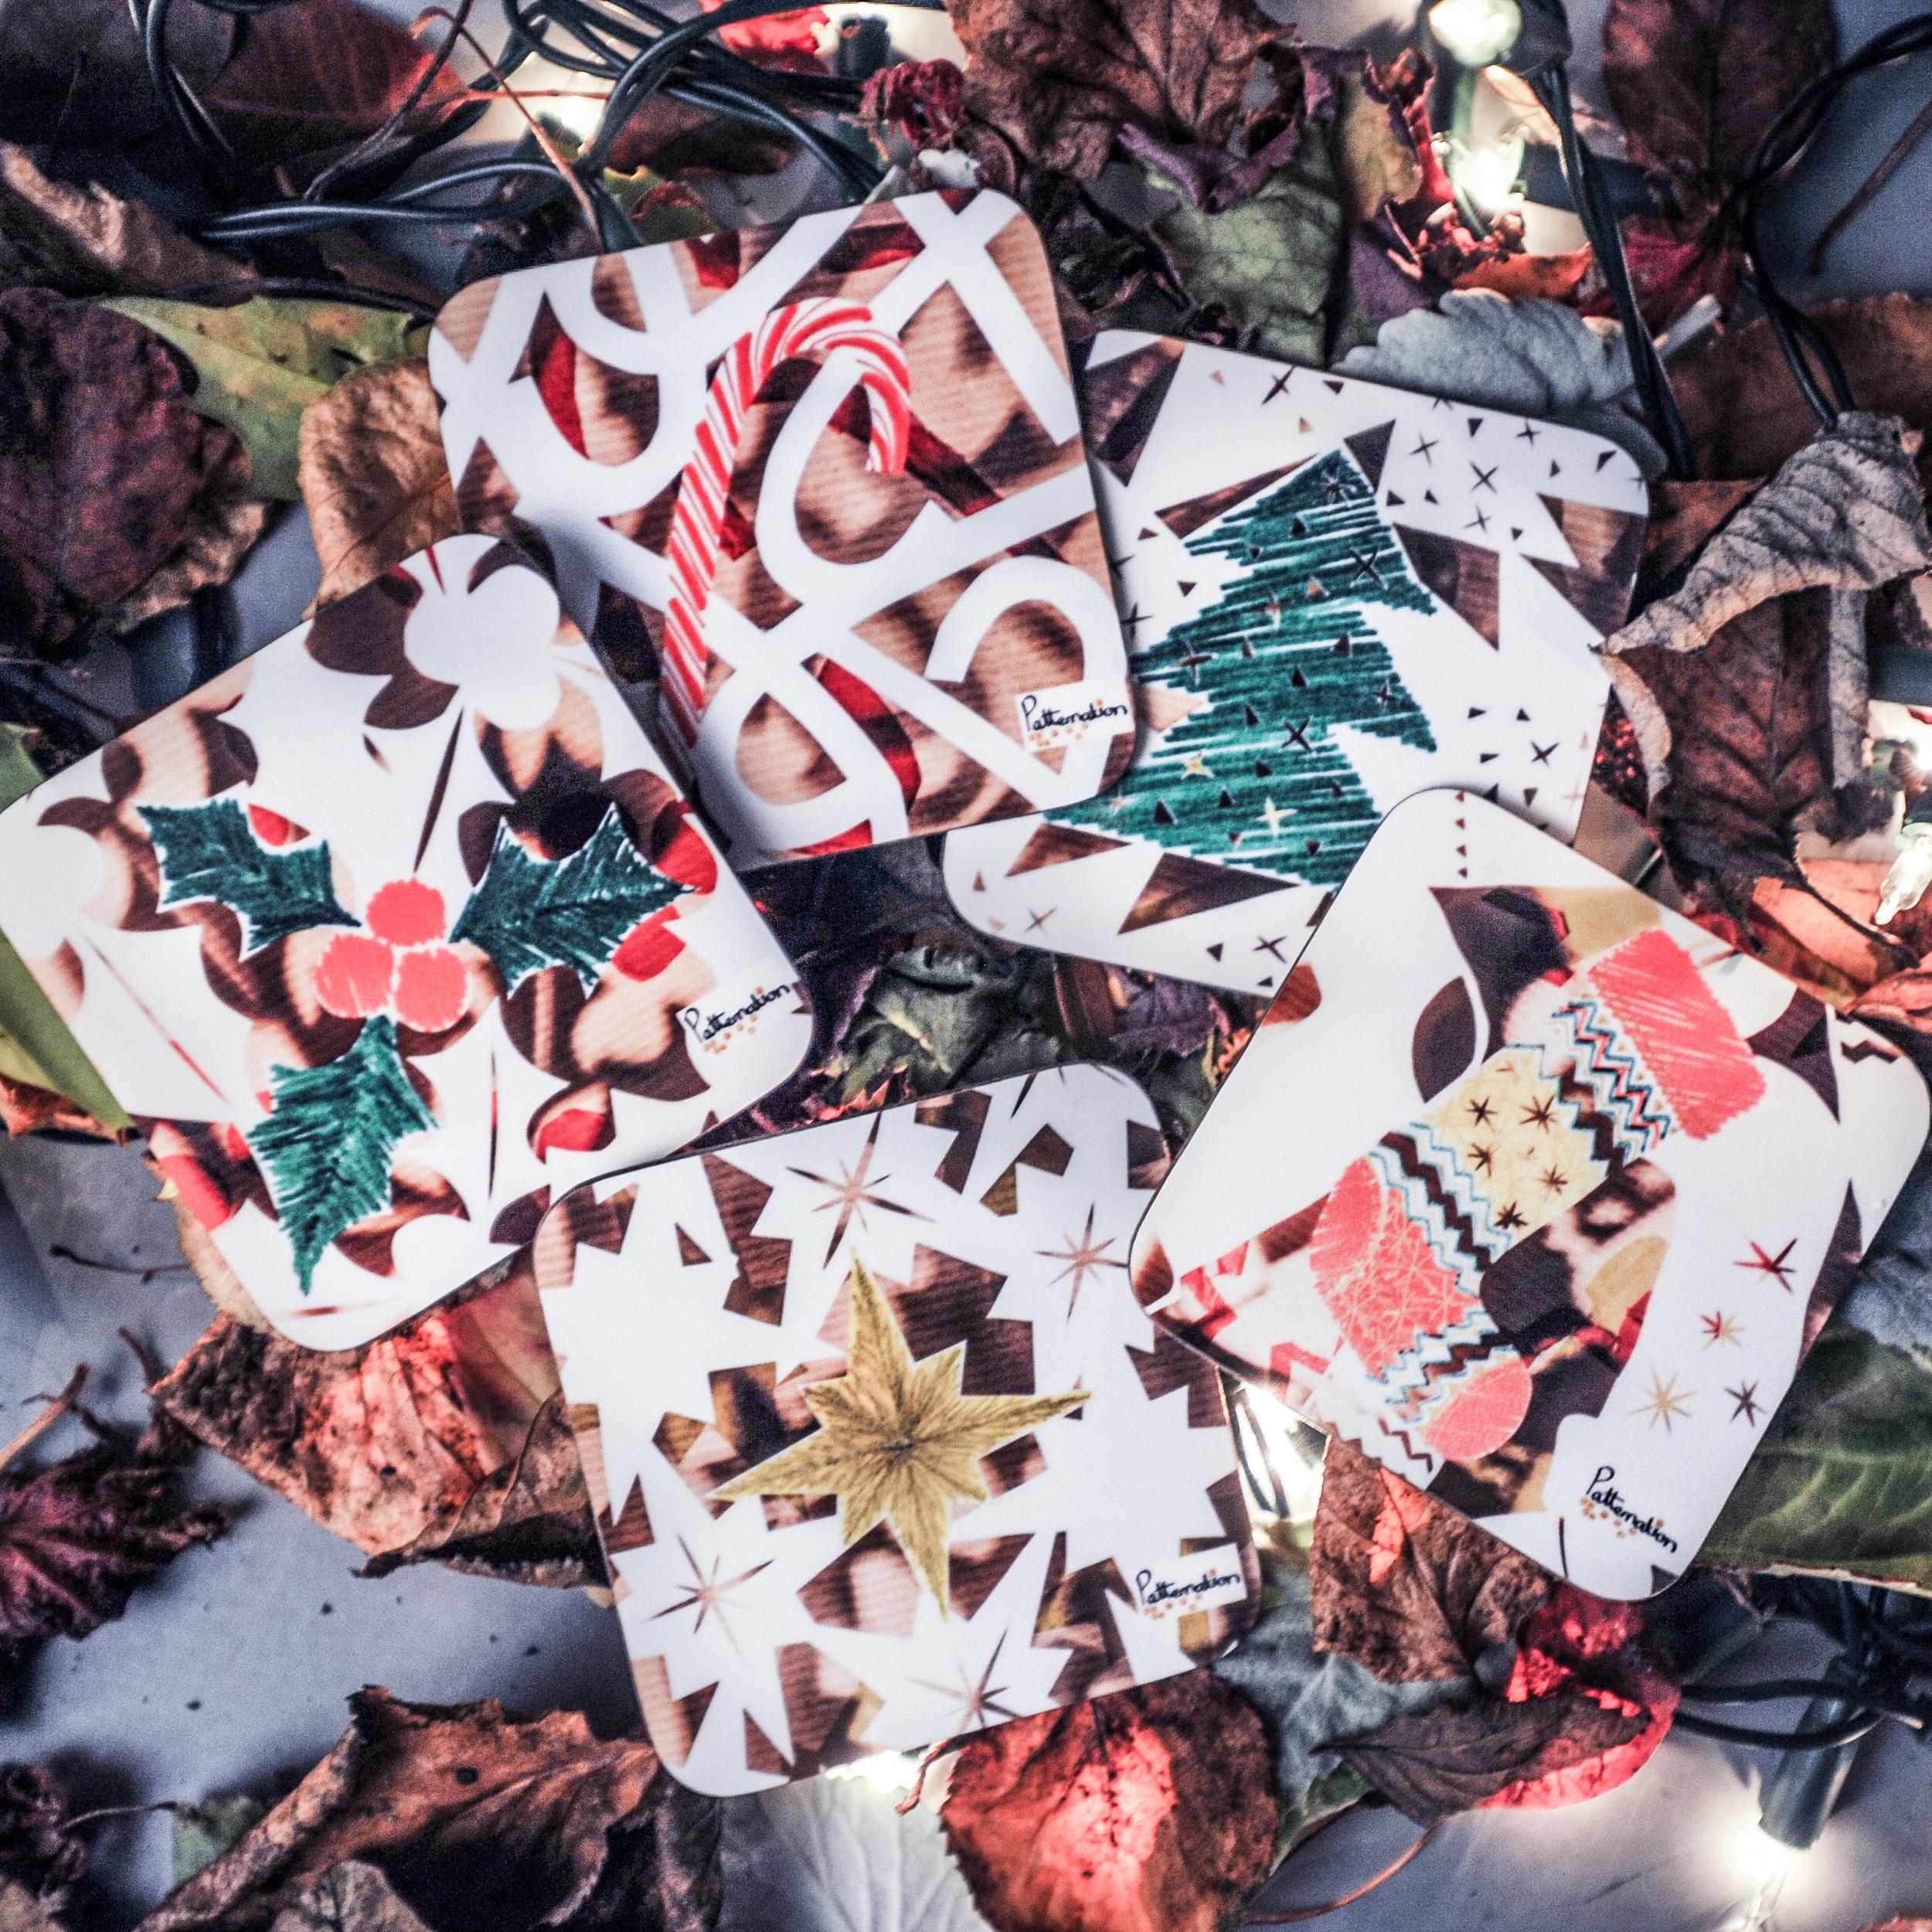 Coaster Collection.jpg